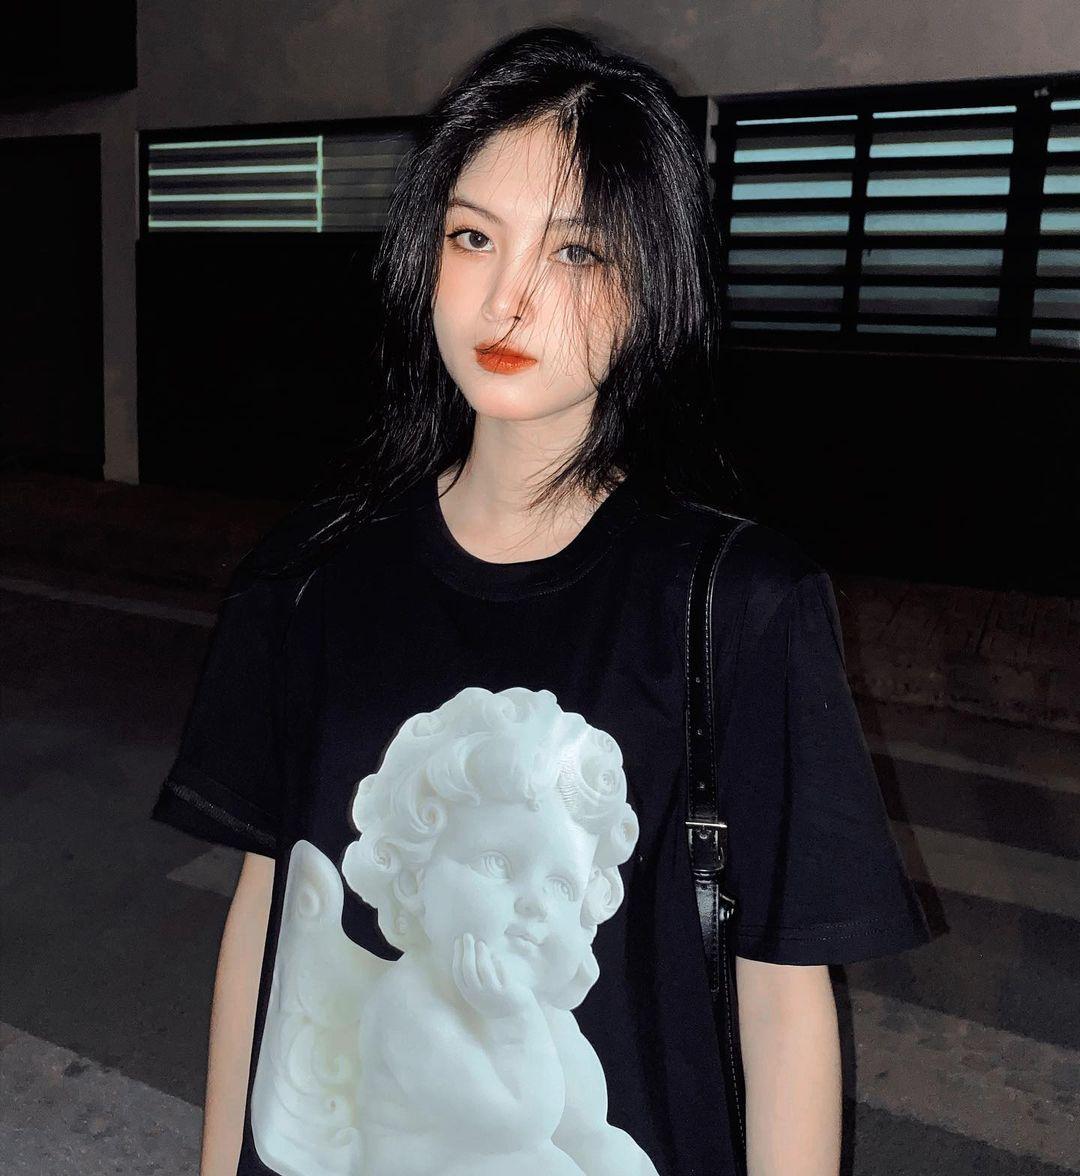 [人物]清纯越南妹子「Leely」辣穿奥黛,让人不被她掳获都不行啊. 养眼图片 第26张